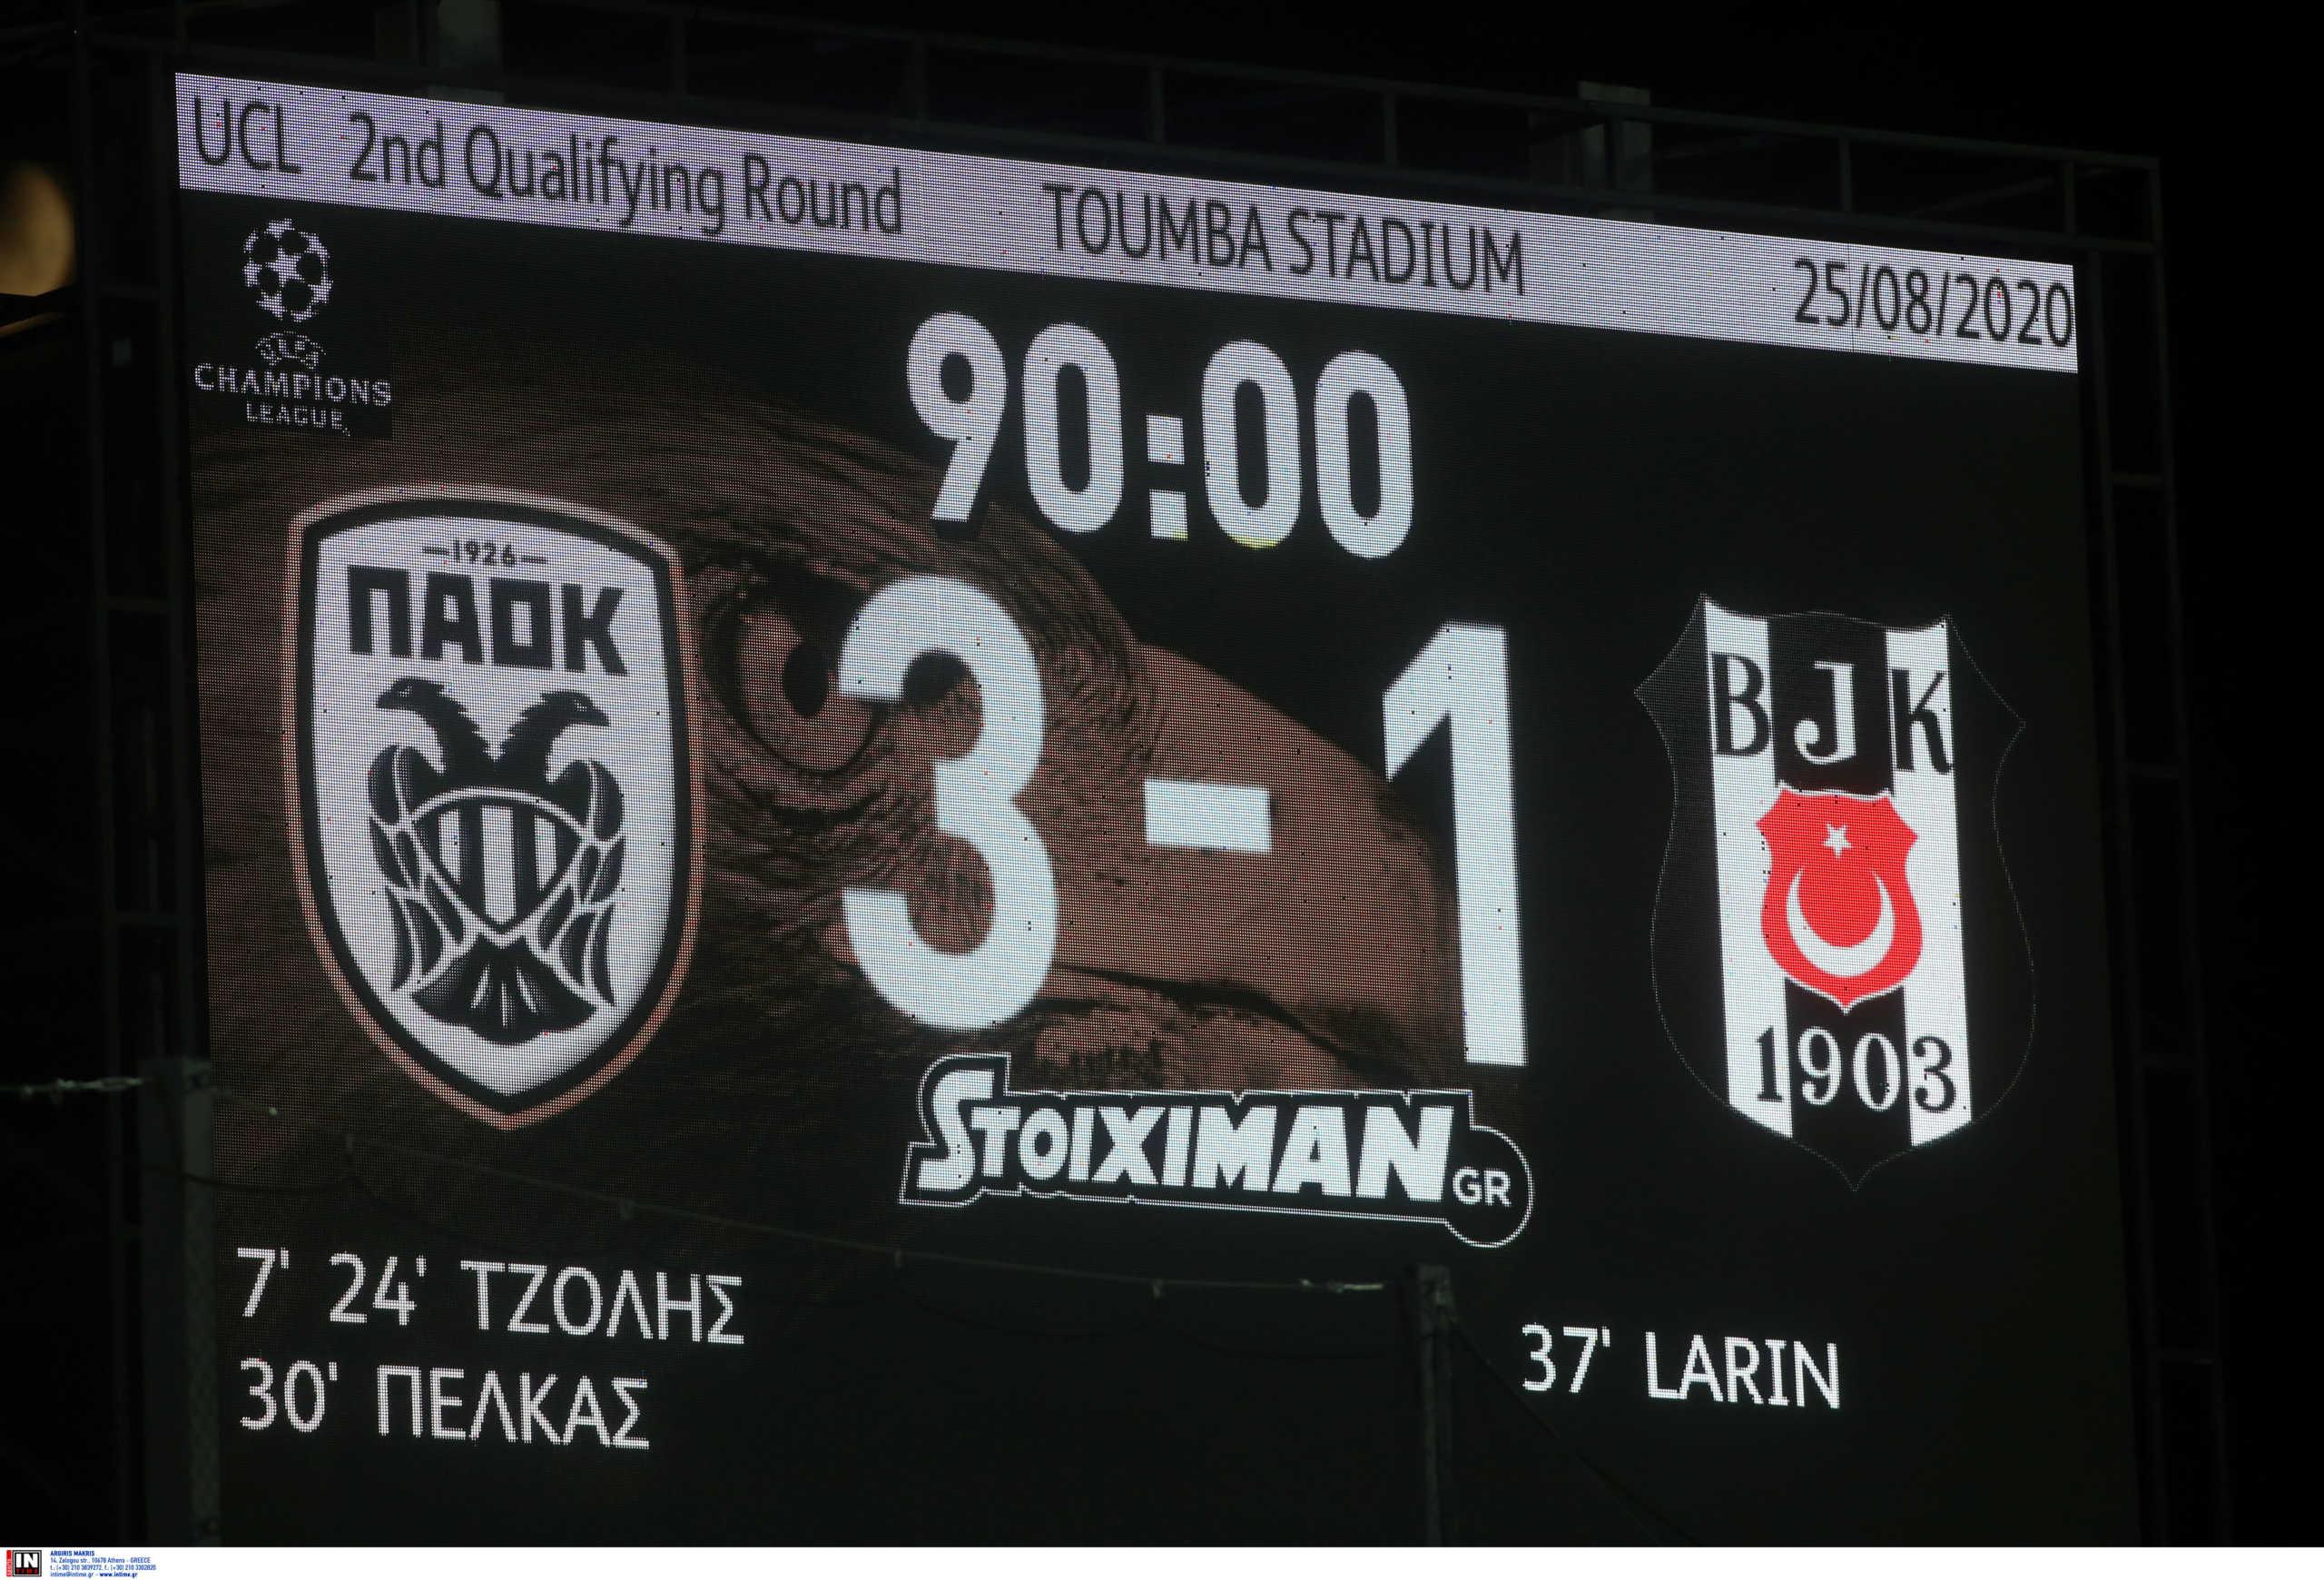 Βαθμολογία UEFA: Ο ΠΑΟΚ ανέβασε την Ελλάδα – Τουλάχιστον 18 ματς μπροστά μας